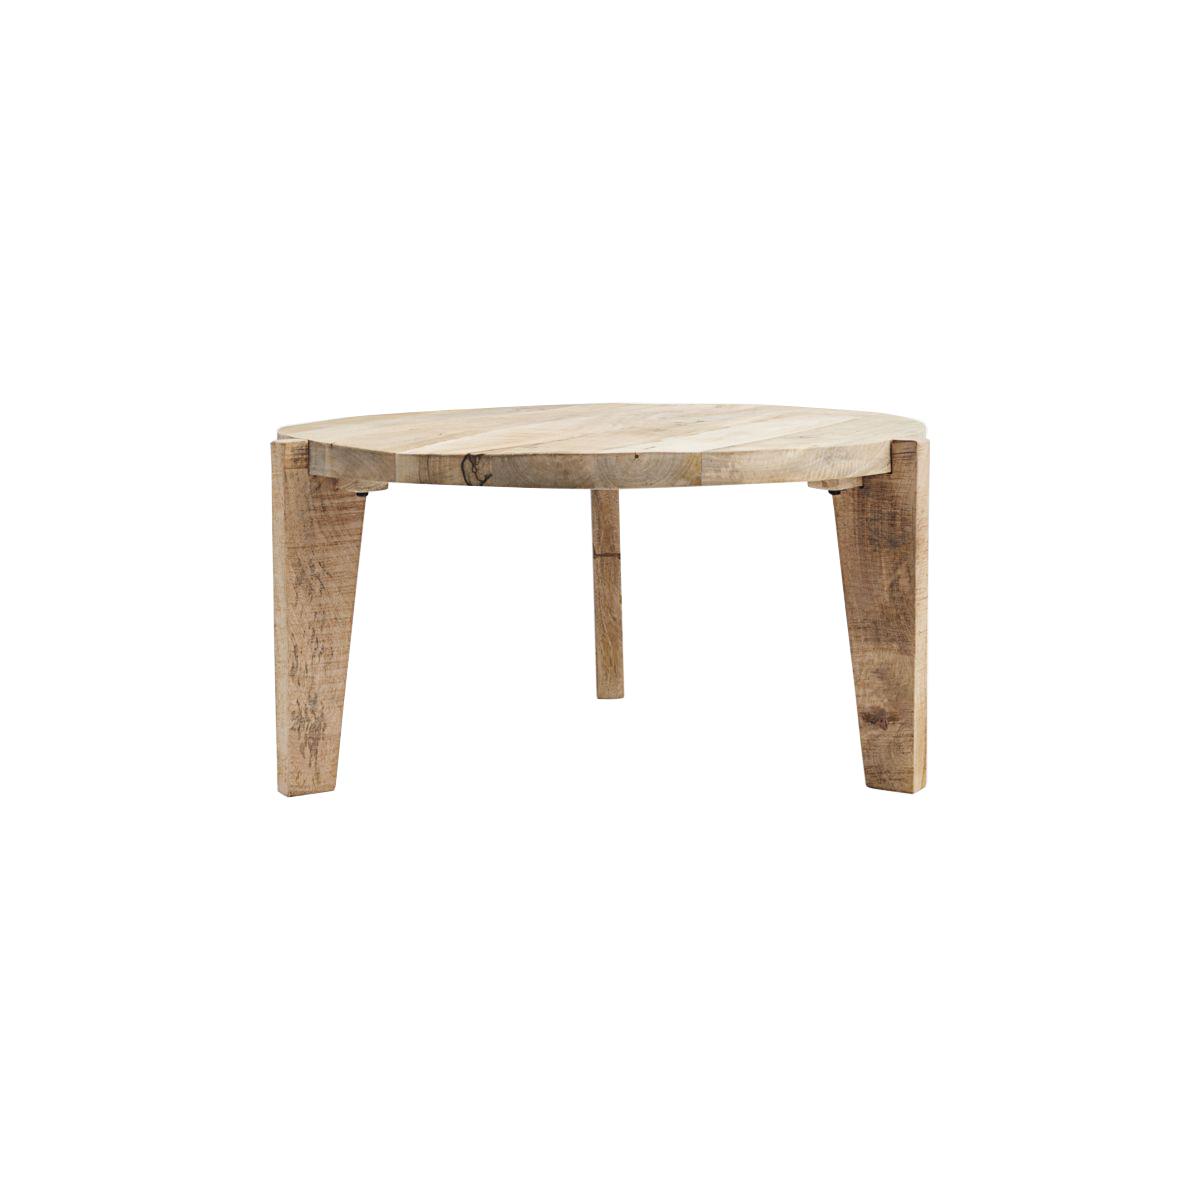 House Doctor - Bali Sofa Table Bali - Natural (203800330)